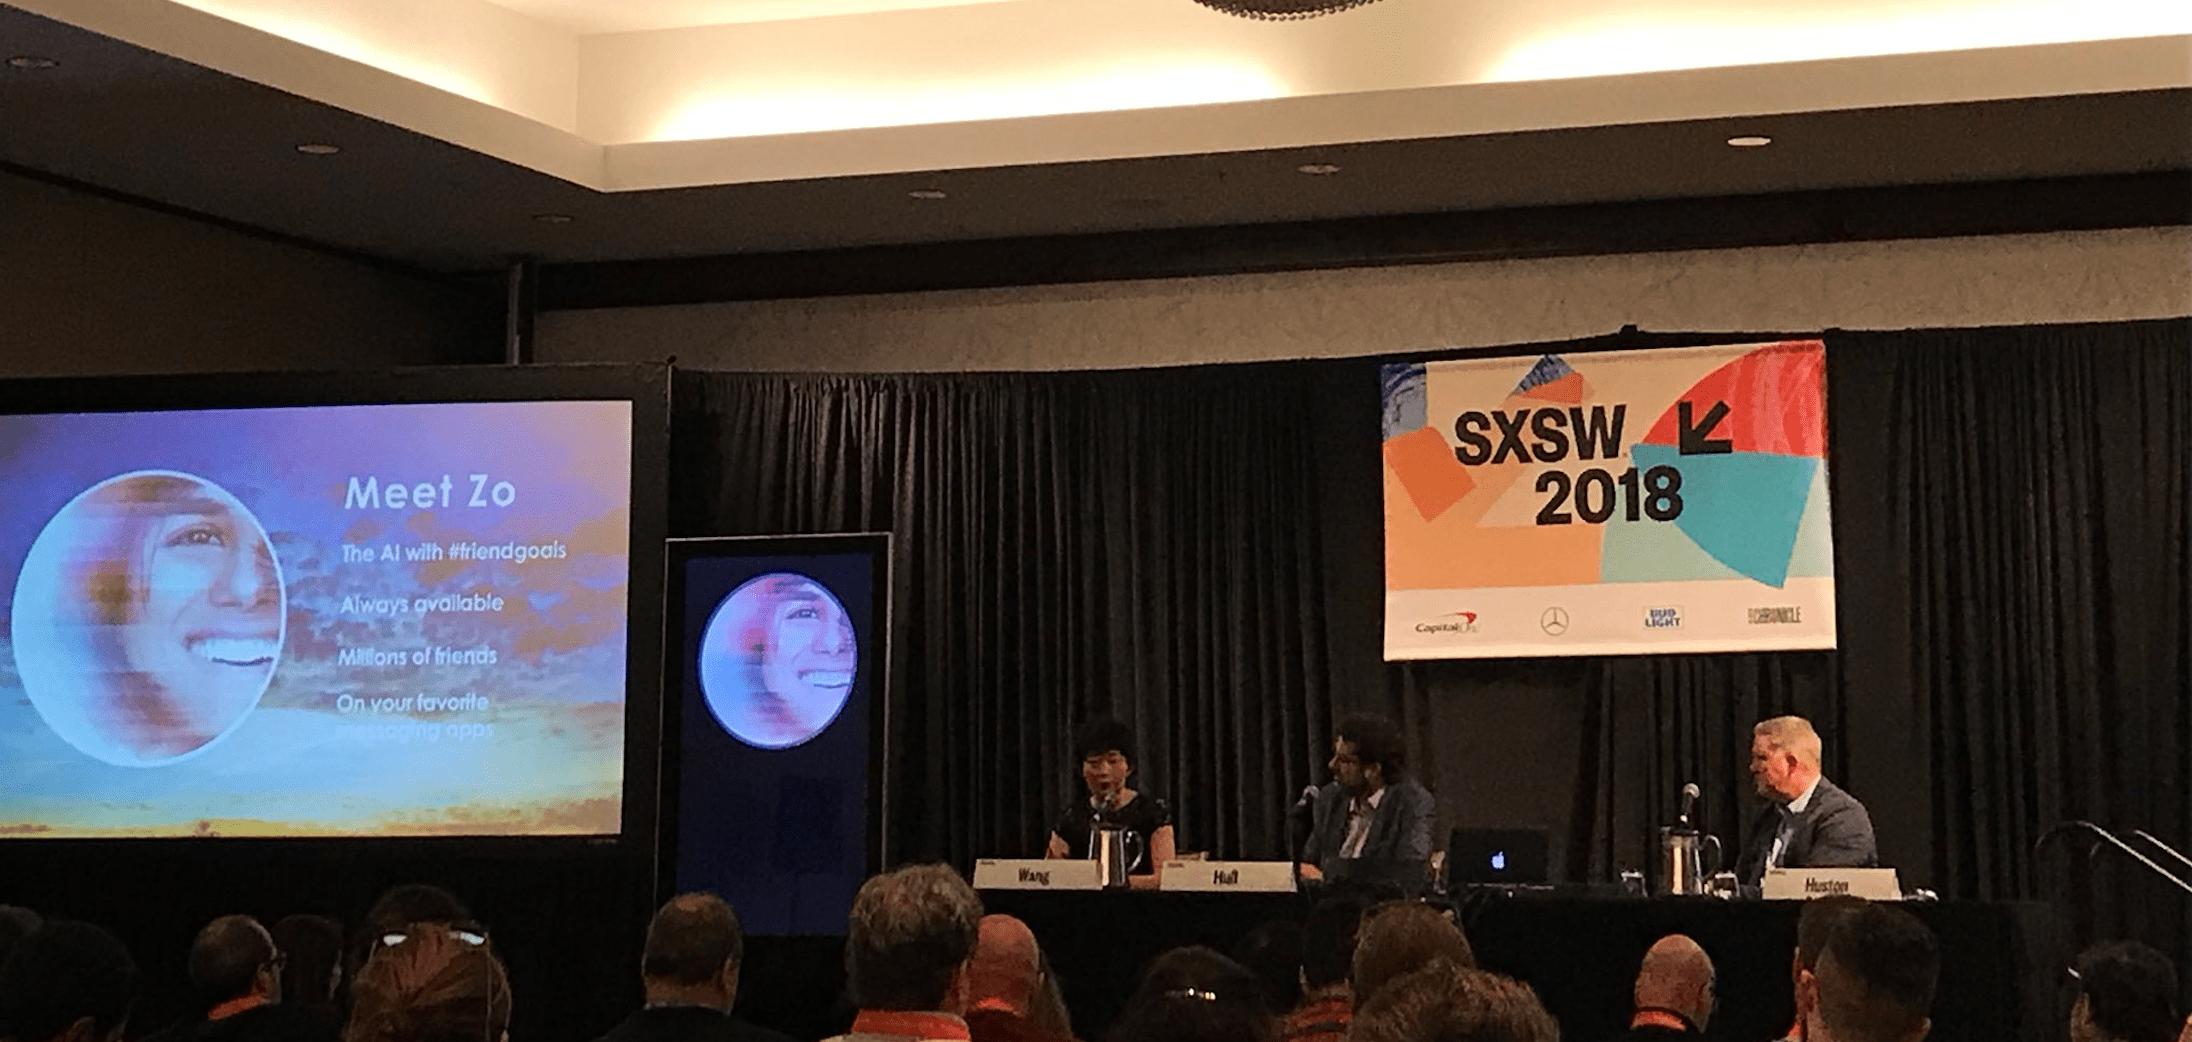 iProspect trae IA a SXSW 2018